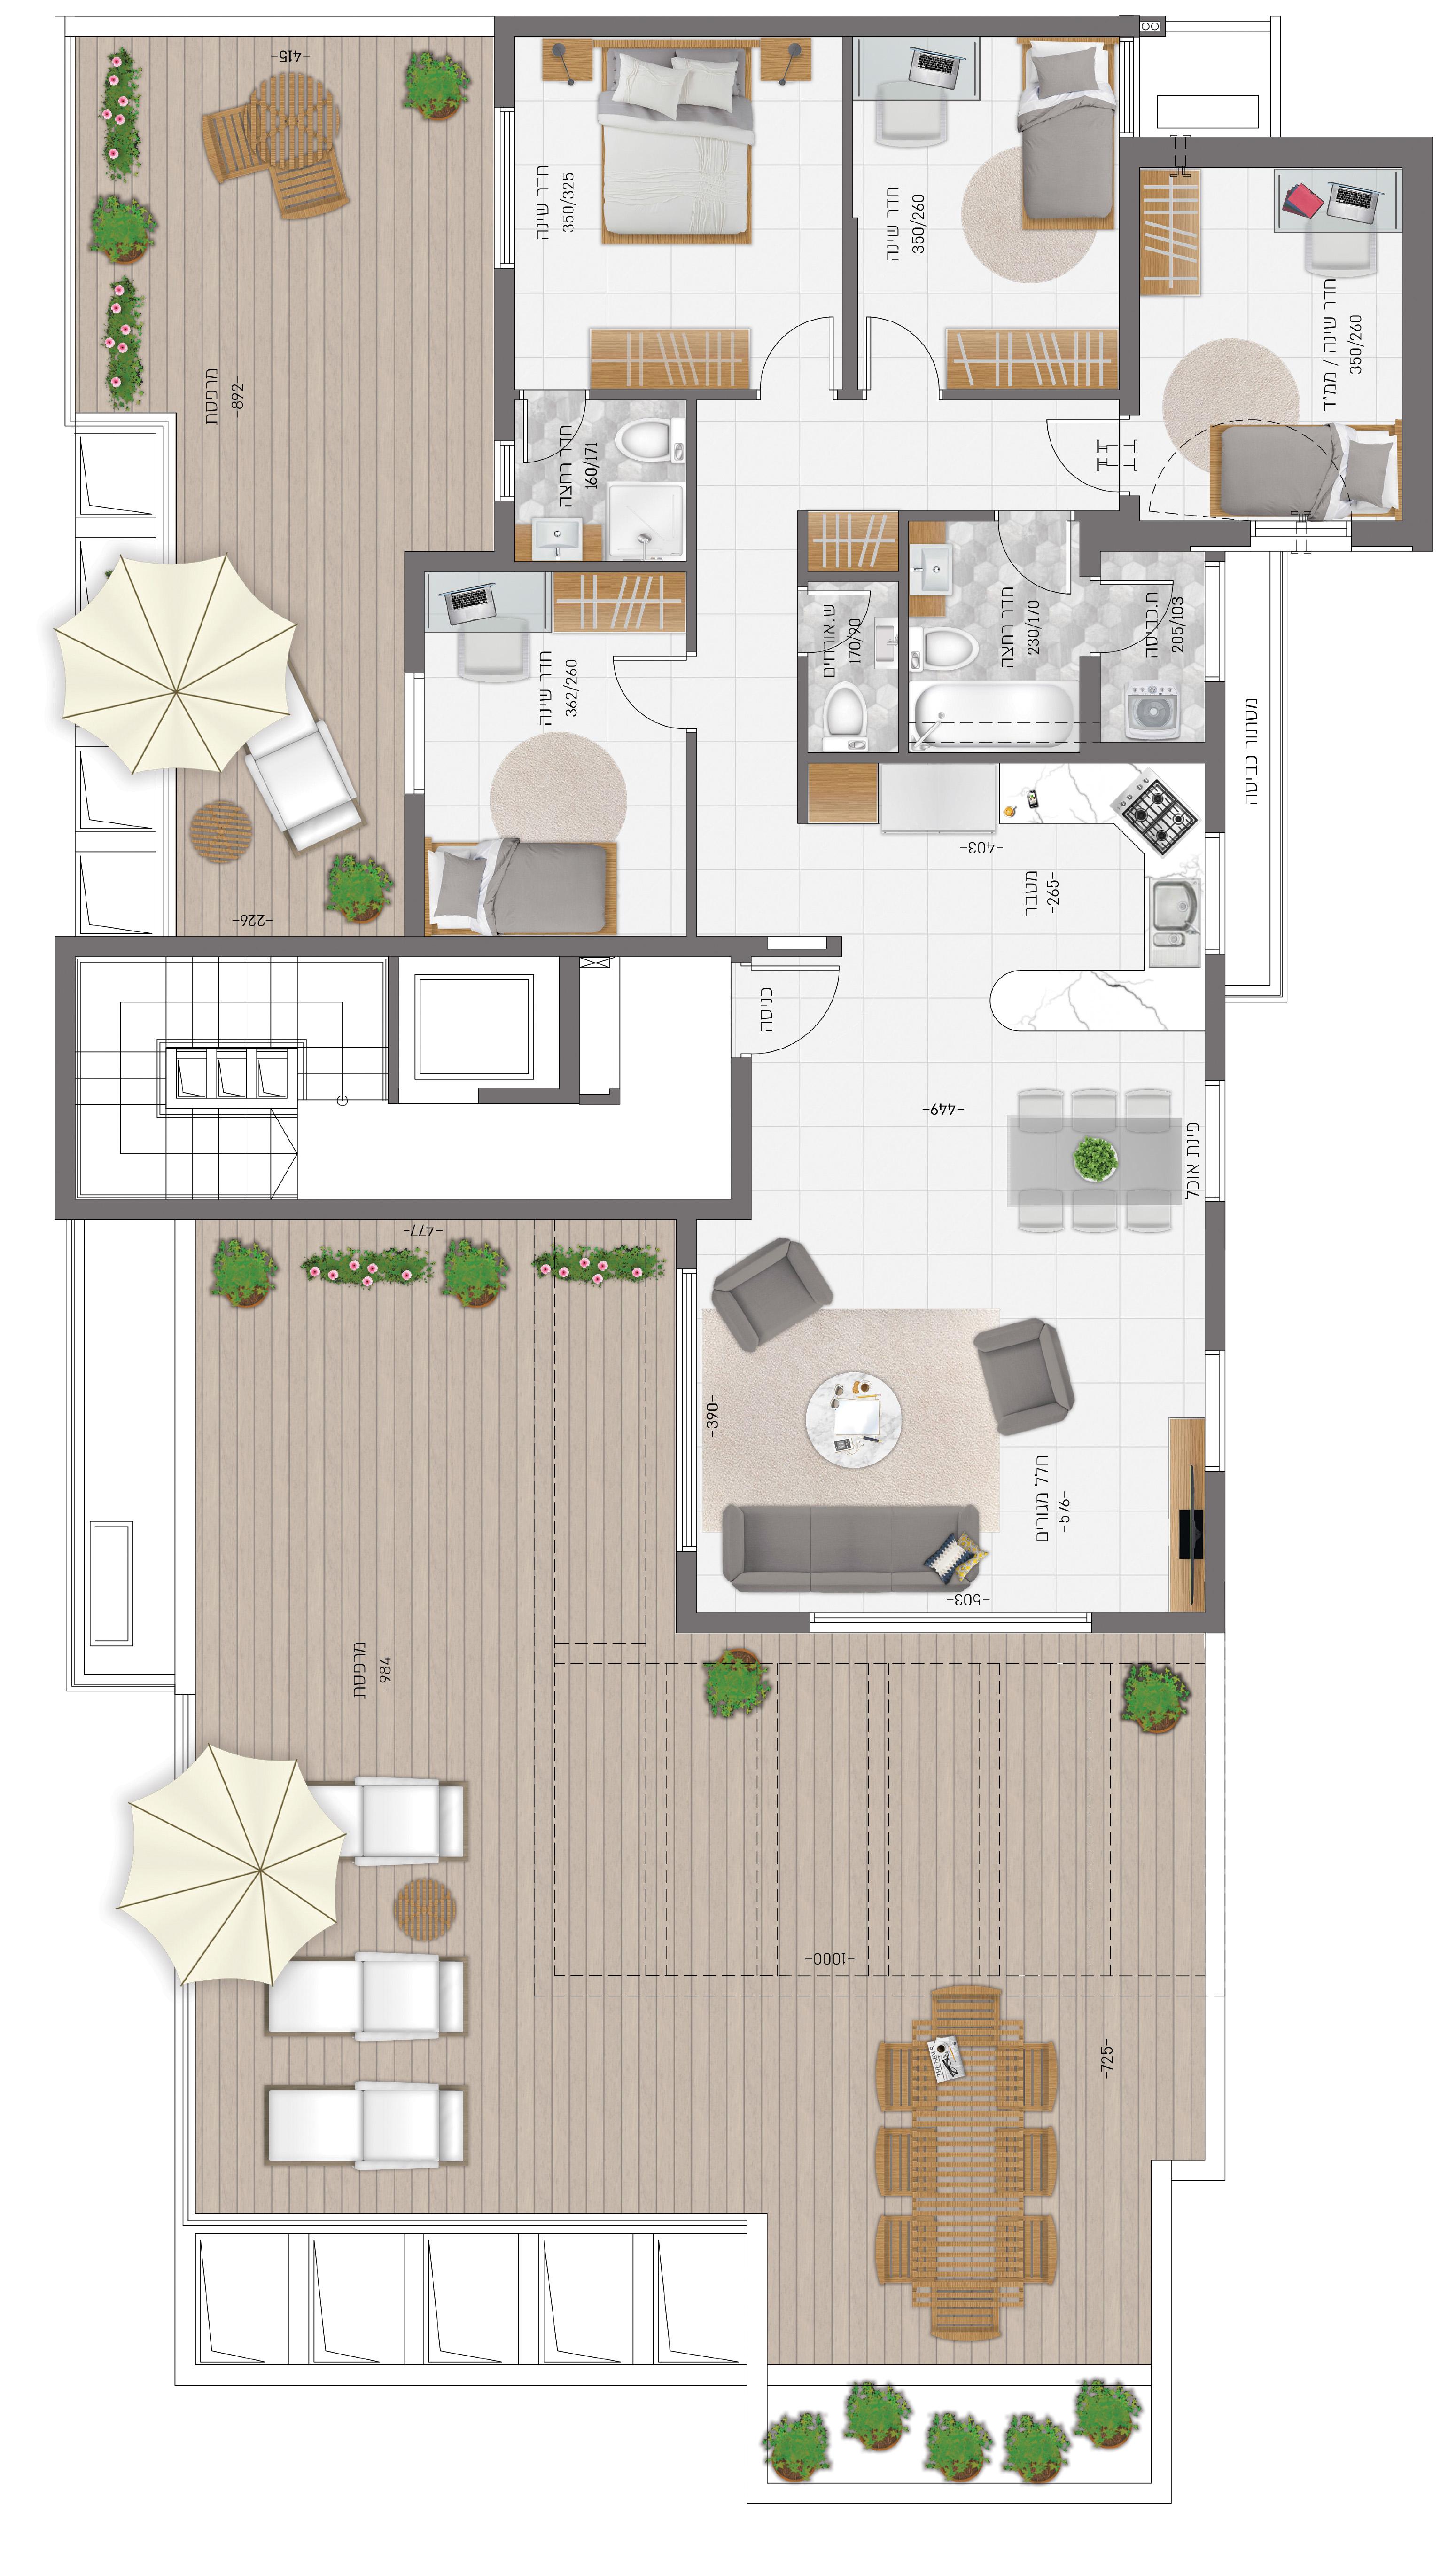 תוכנית הדירה לנכס מספר 13